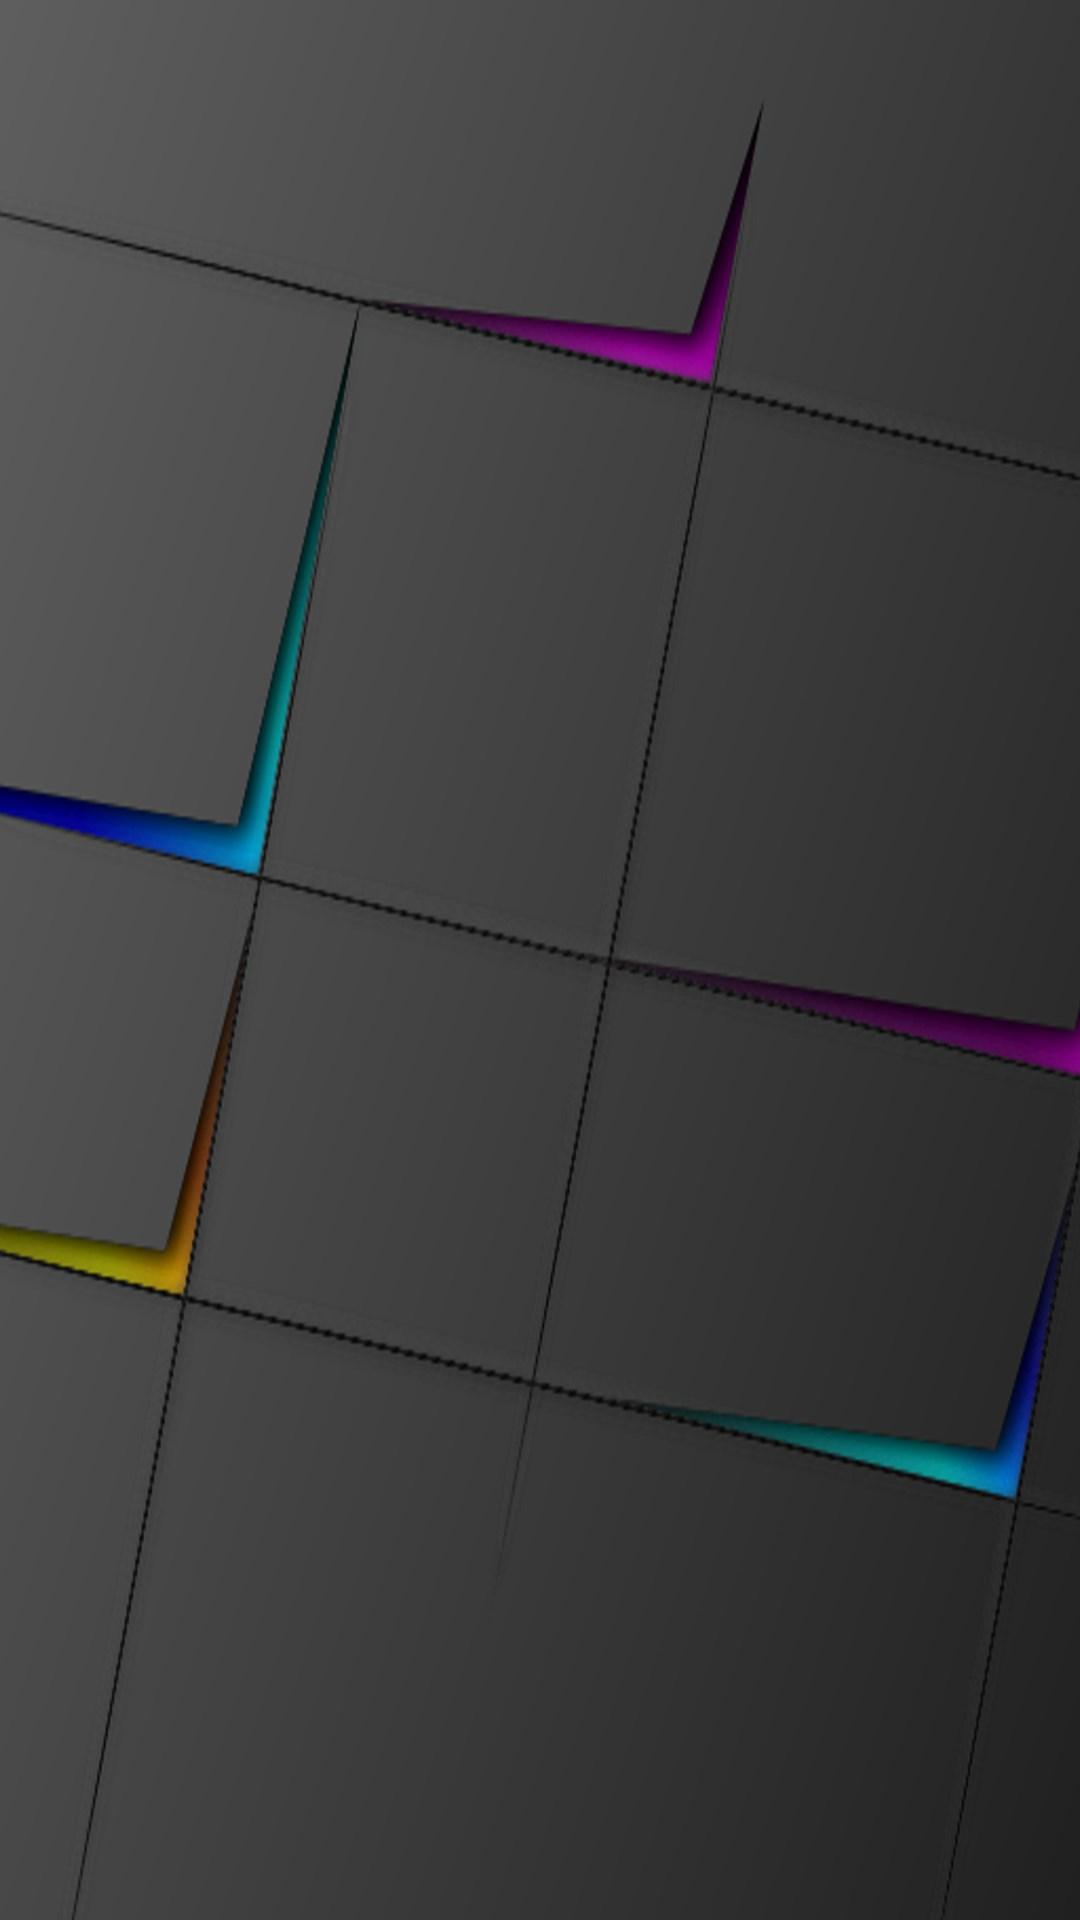 1080x1920 Hd Wallpapers Wallpapersafari